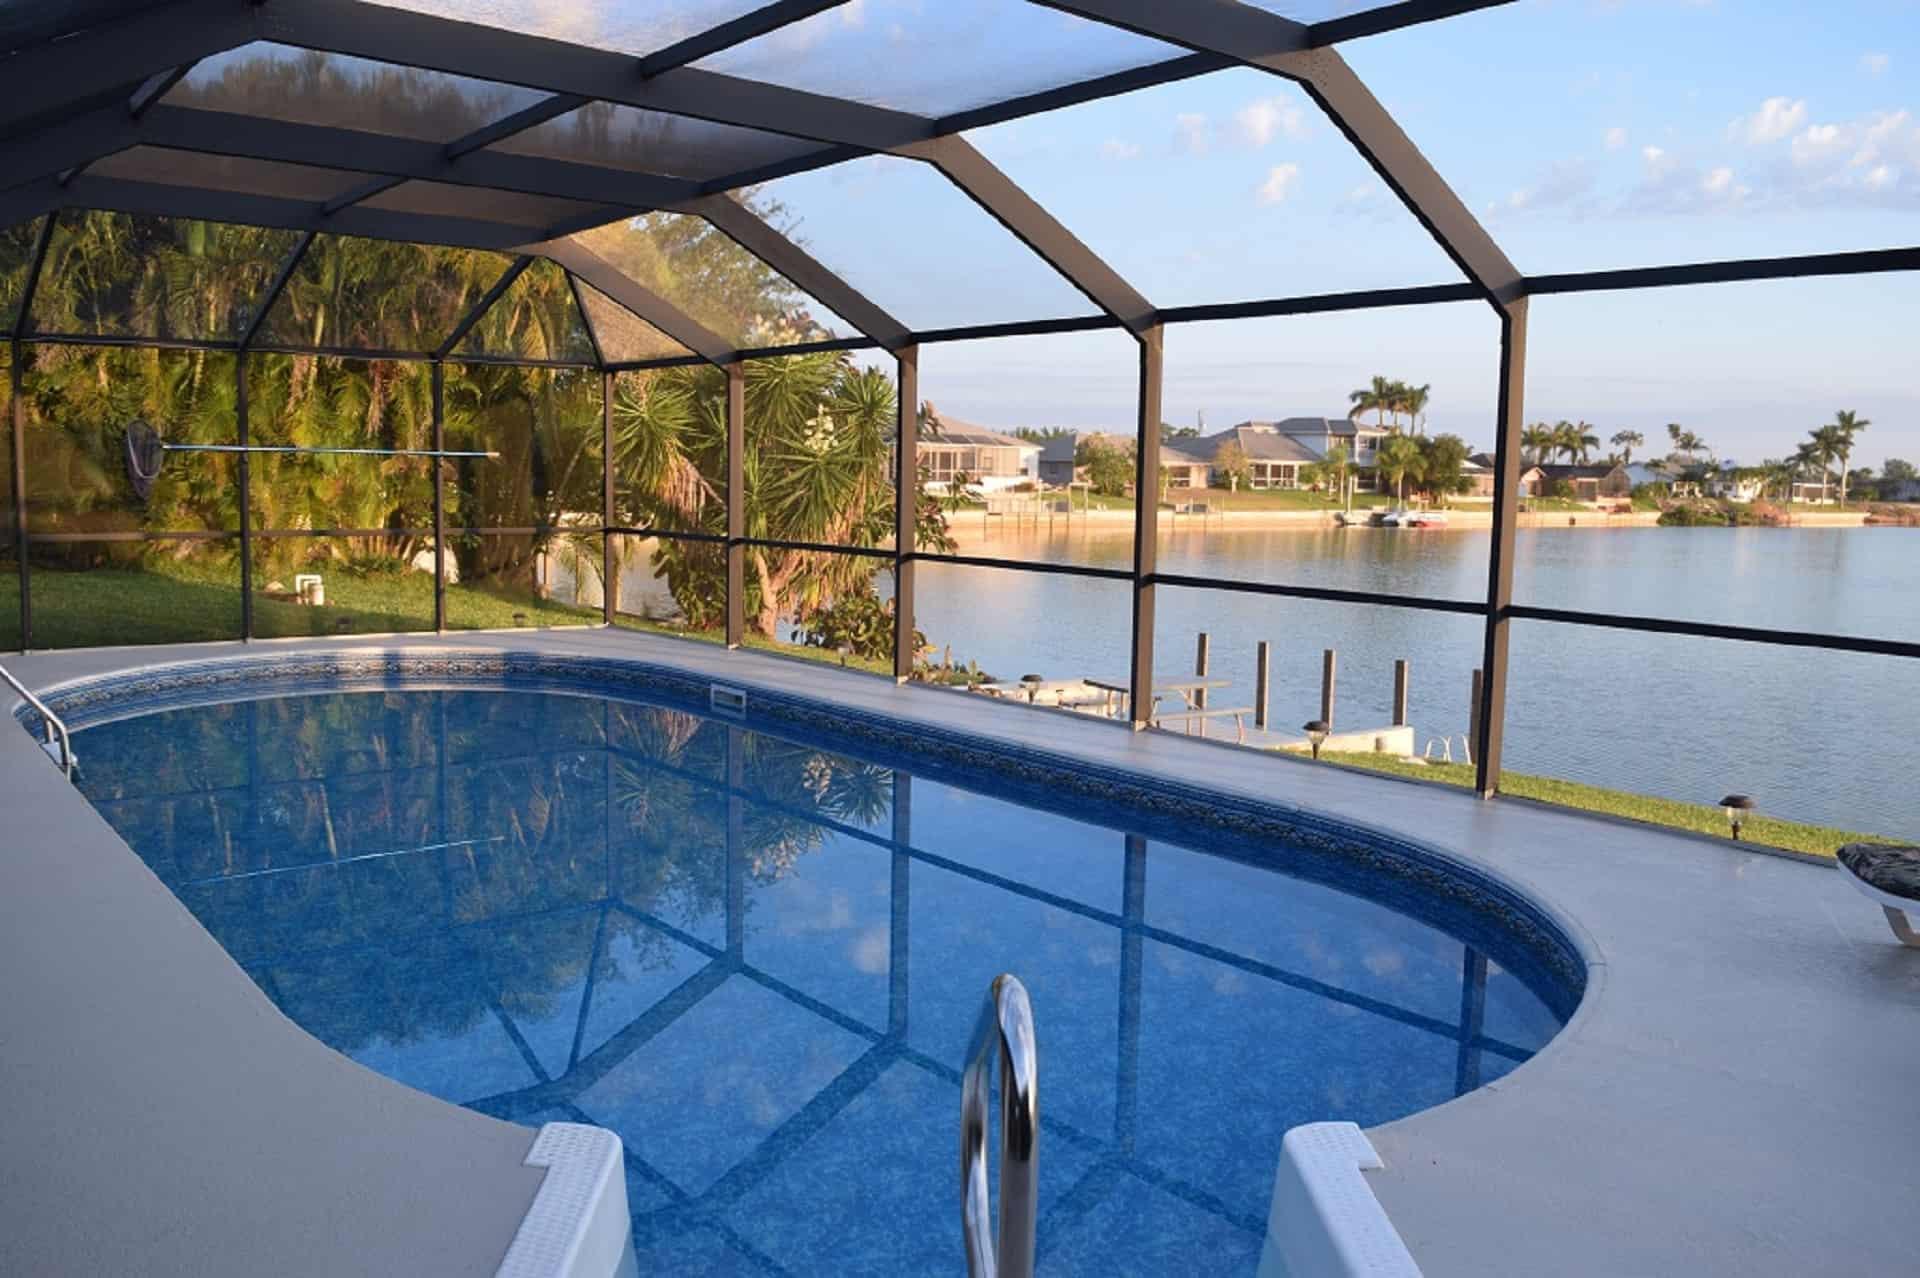 Poolbereich, Blick auf den See